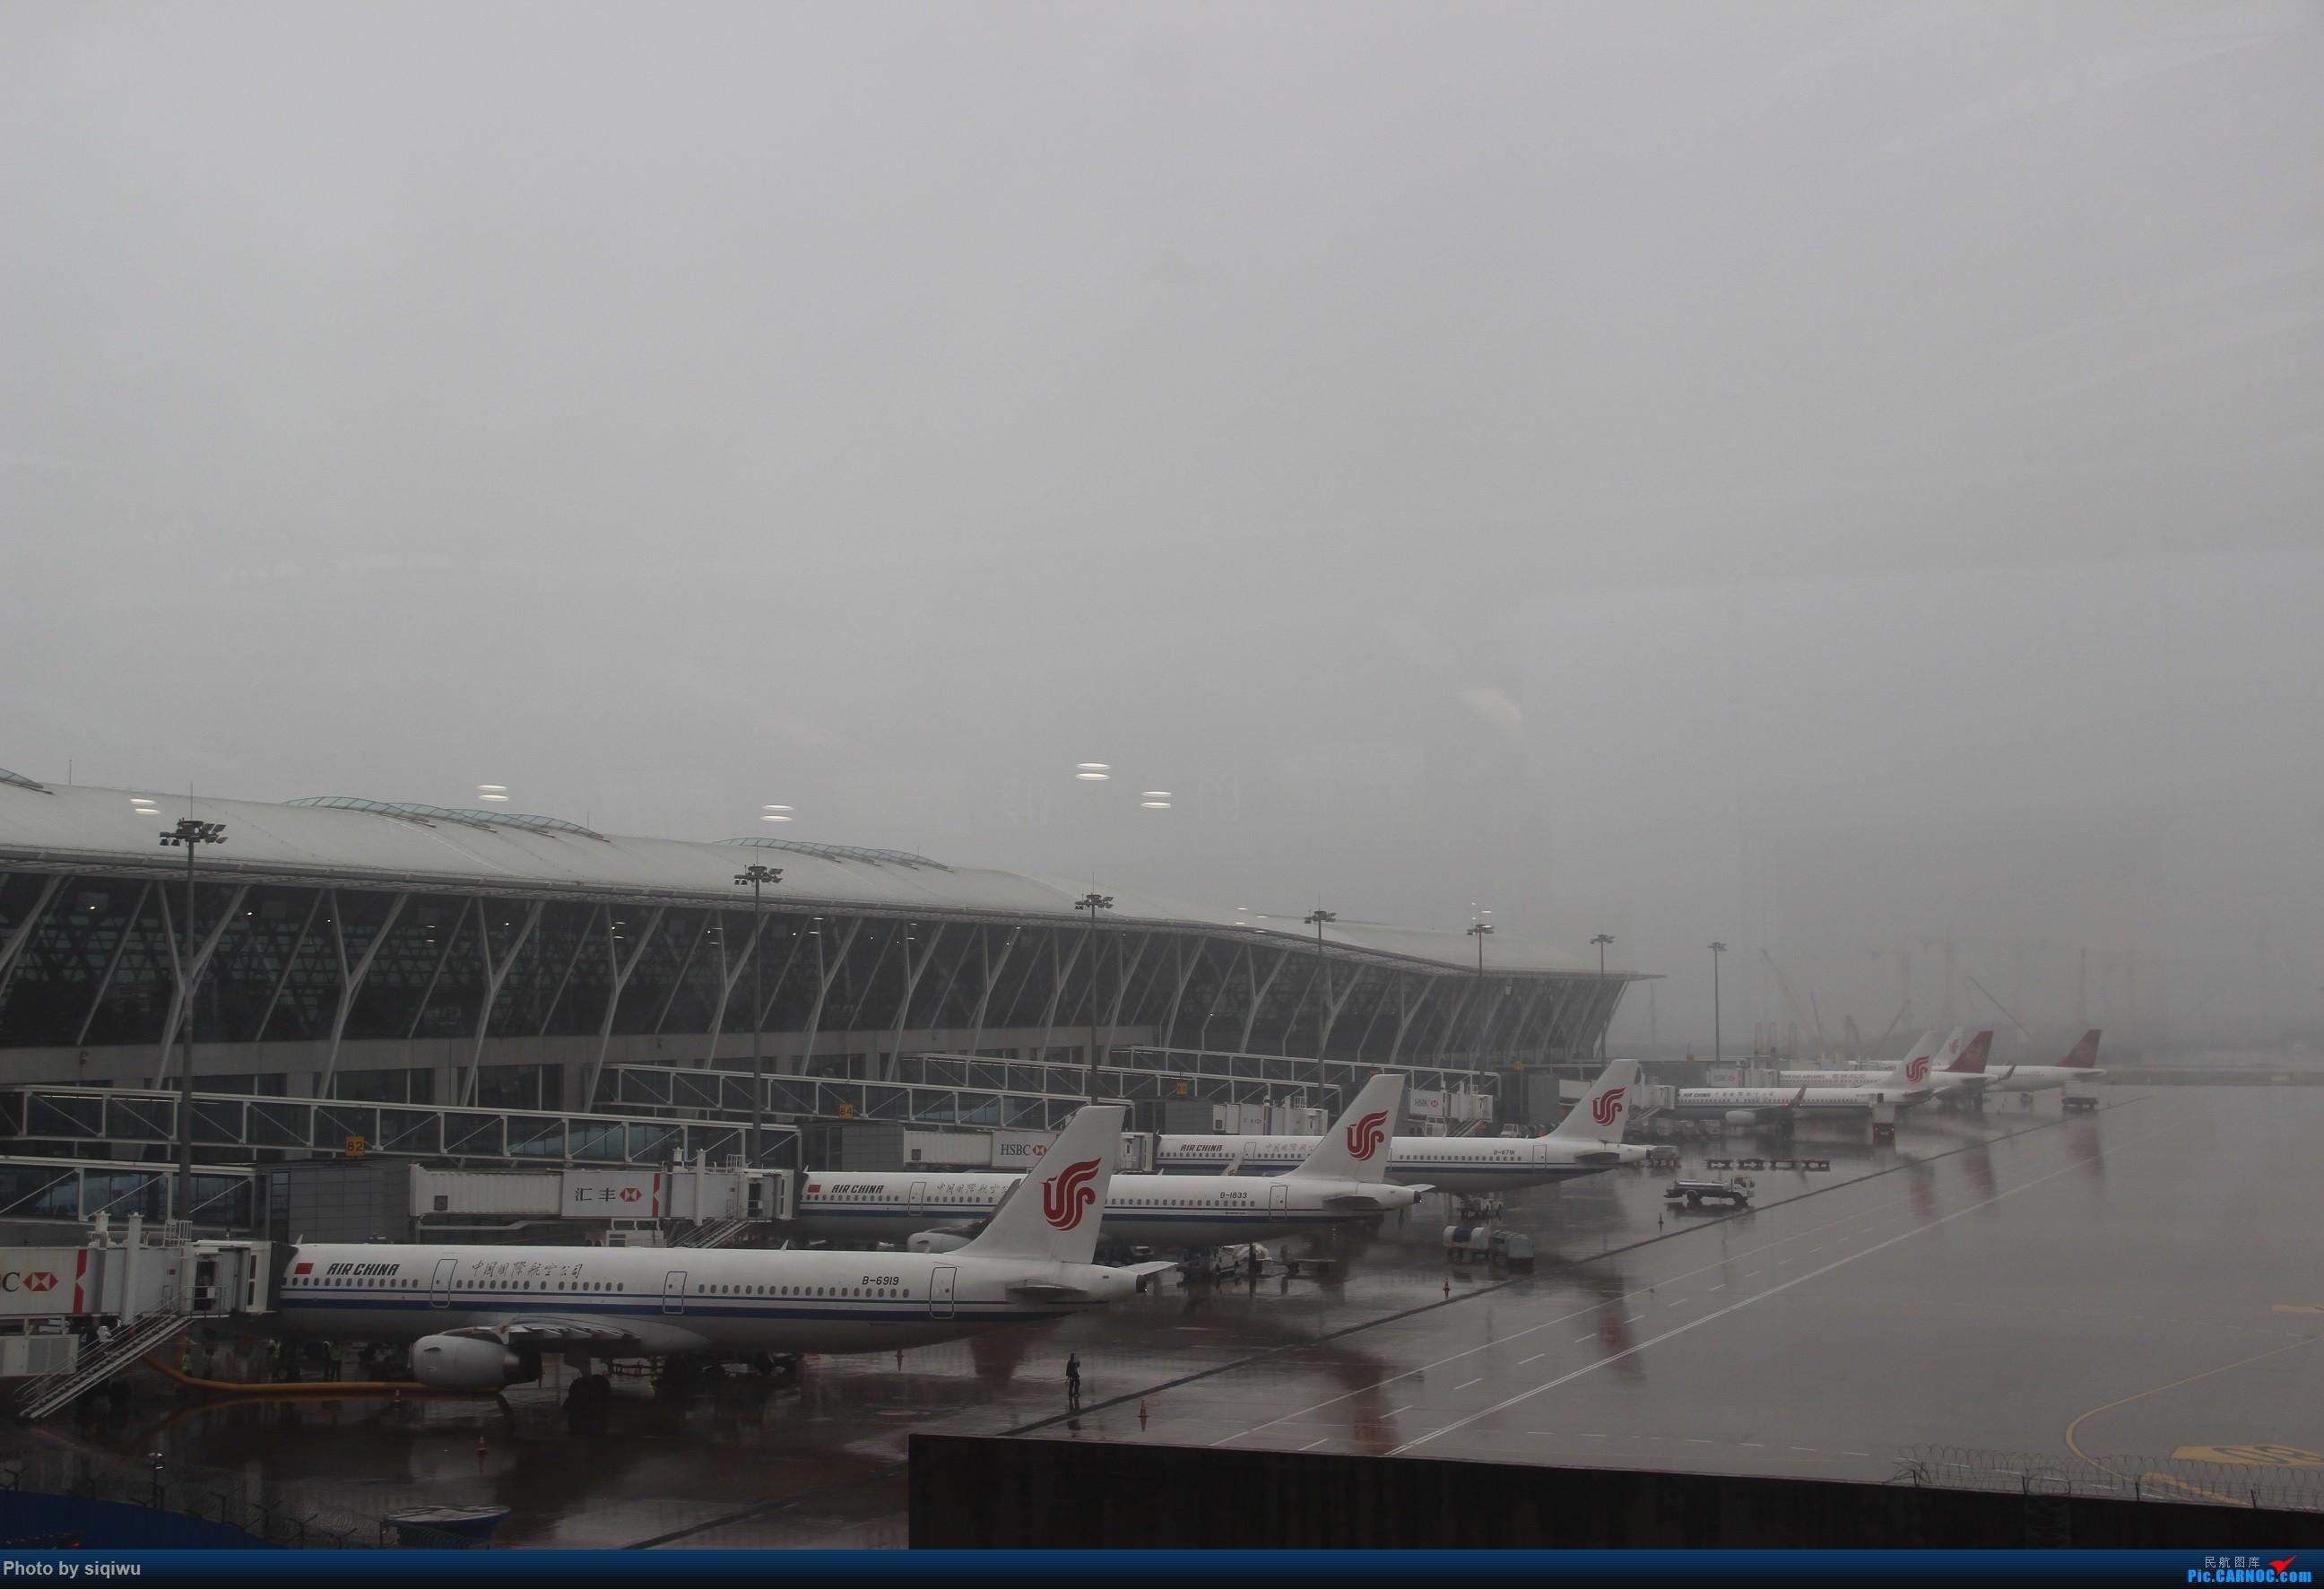 [原创]【飞行游记】20161028 PVG-HKG-KUL-HKG-PVG/马来西亚四日游/国泰和港龙航空/四起四降/全程A330-300执飞 AIRBUS A330-200   中国上海浦东国际机场